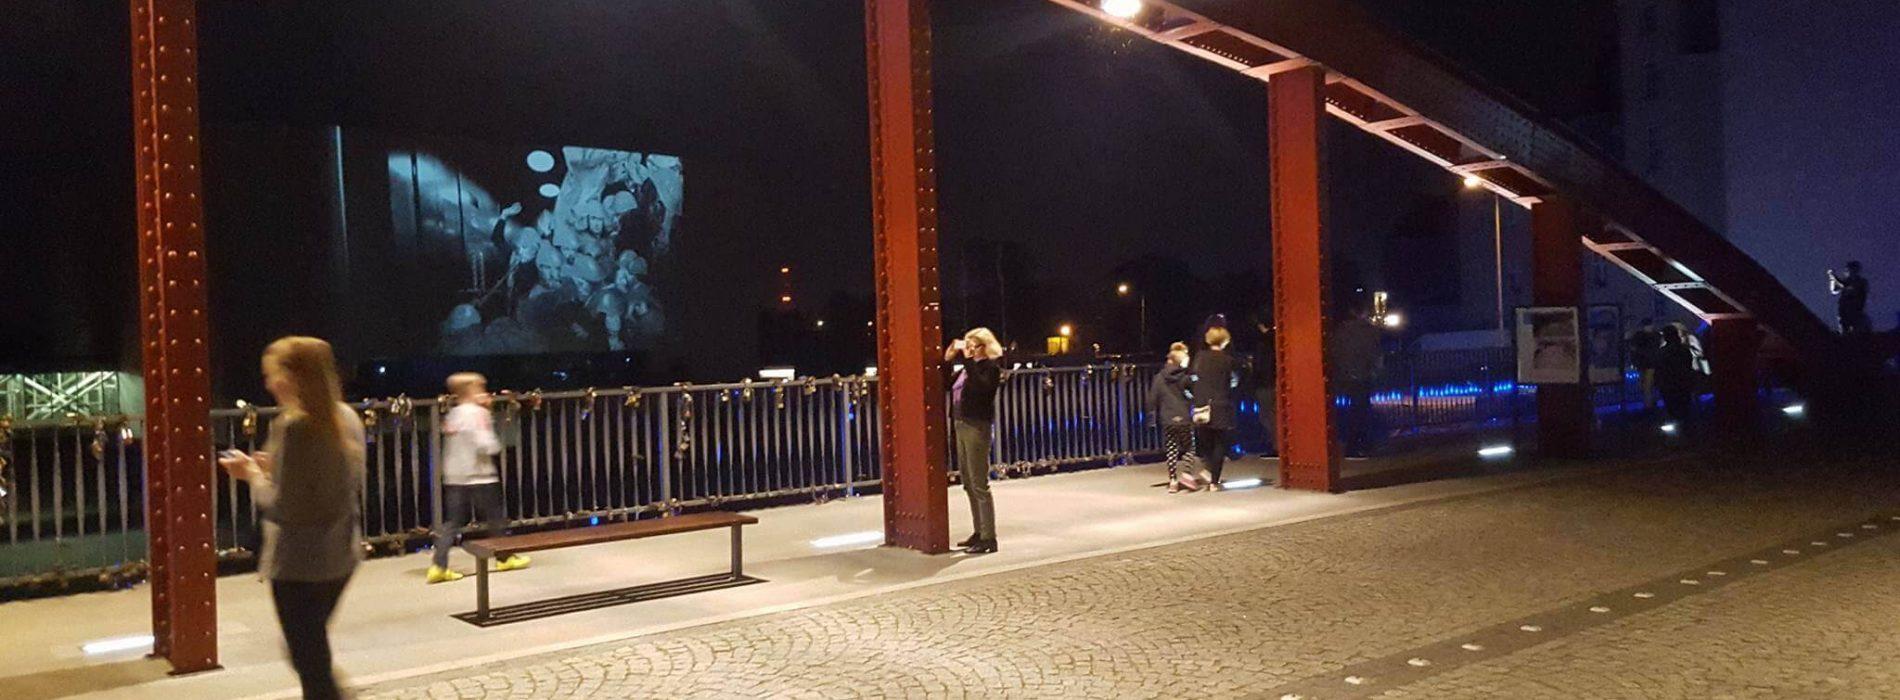 Noc Muzeów w Poznaniu – rzesze Poznaniaków w muzeach i na ulicach